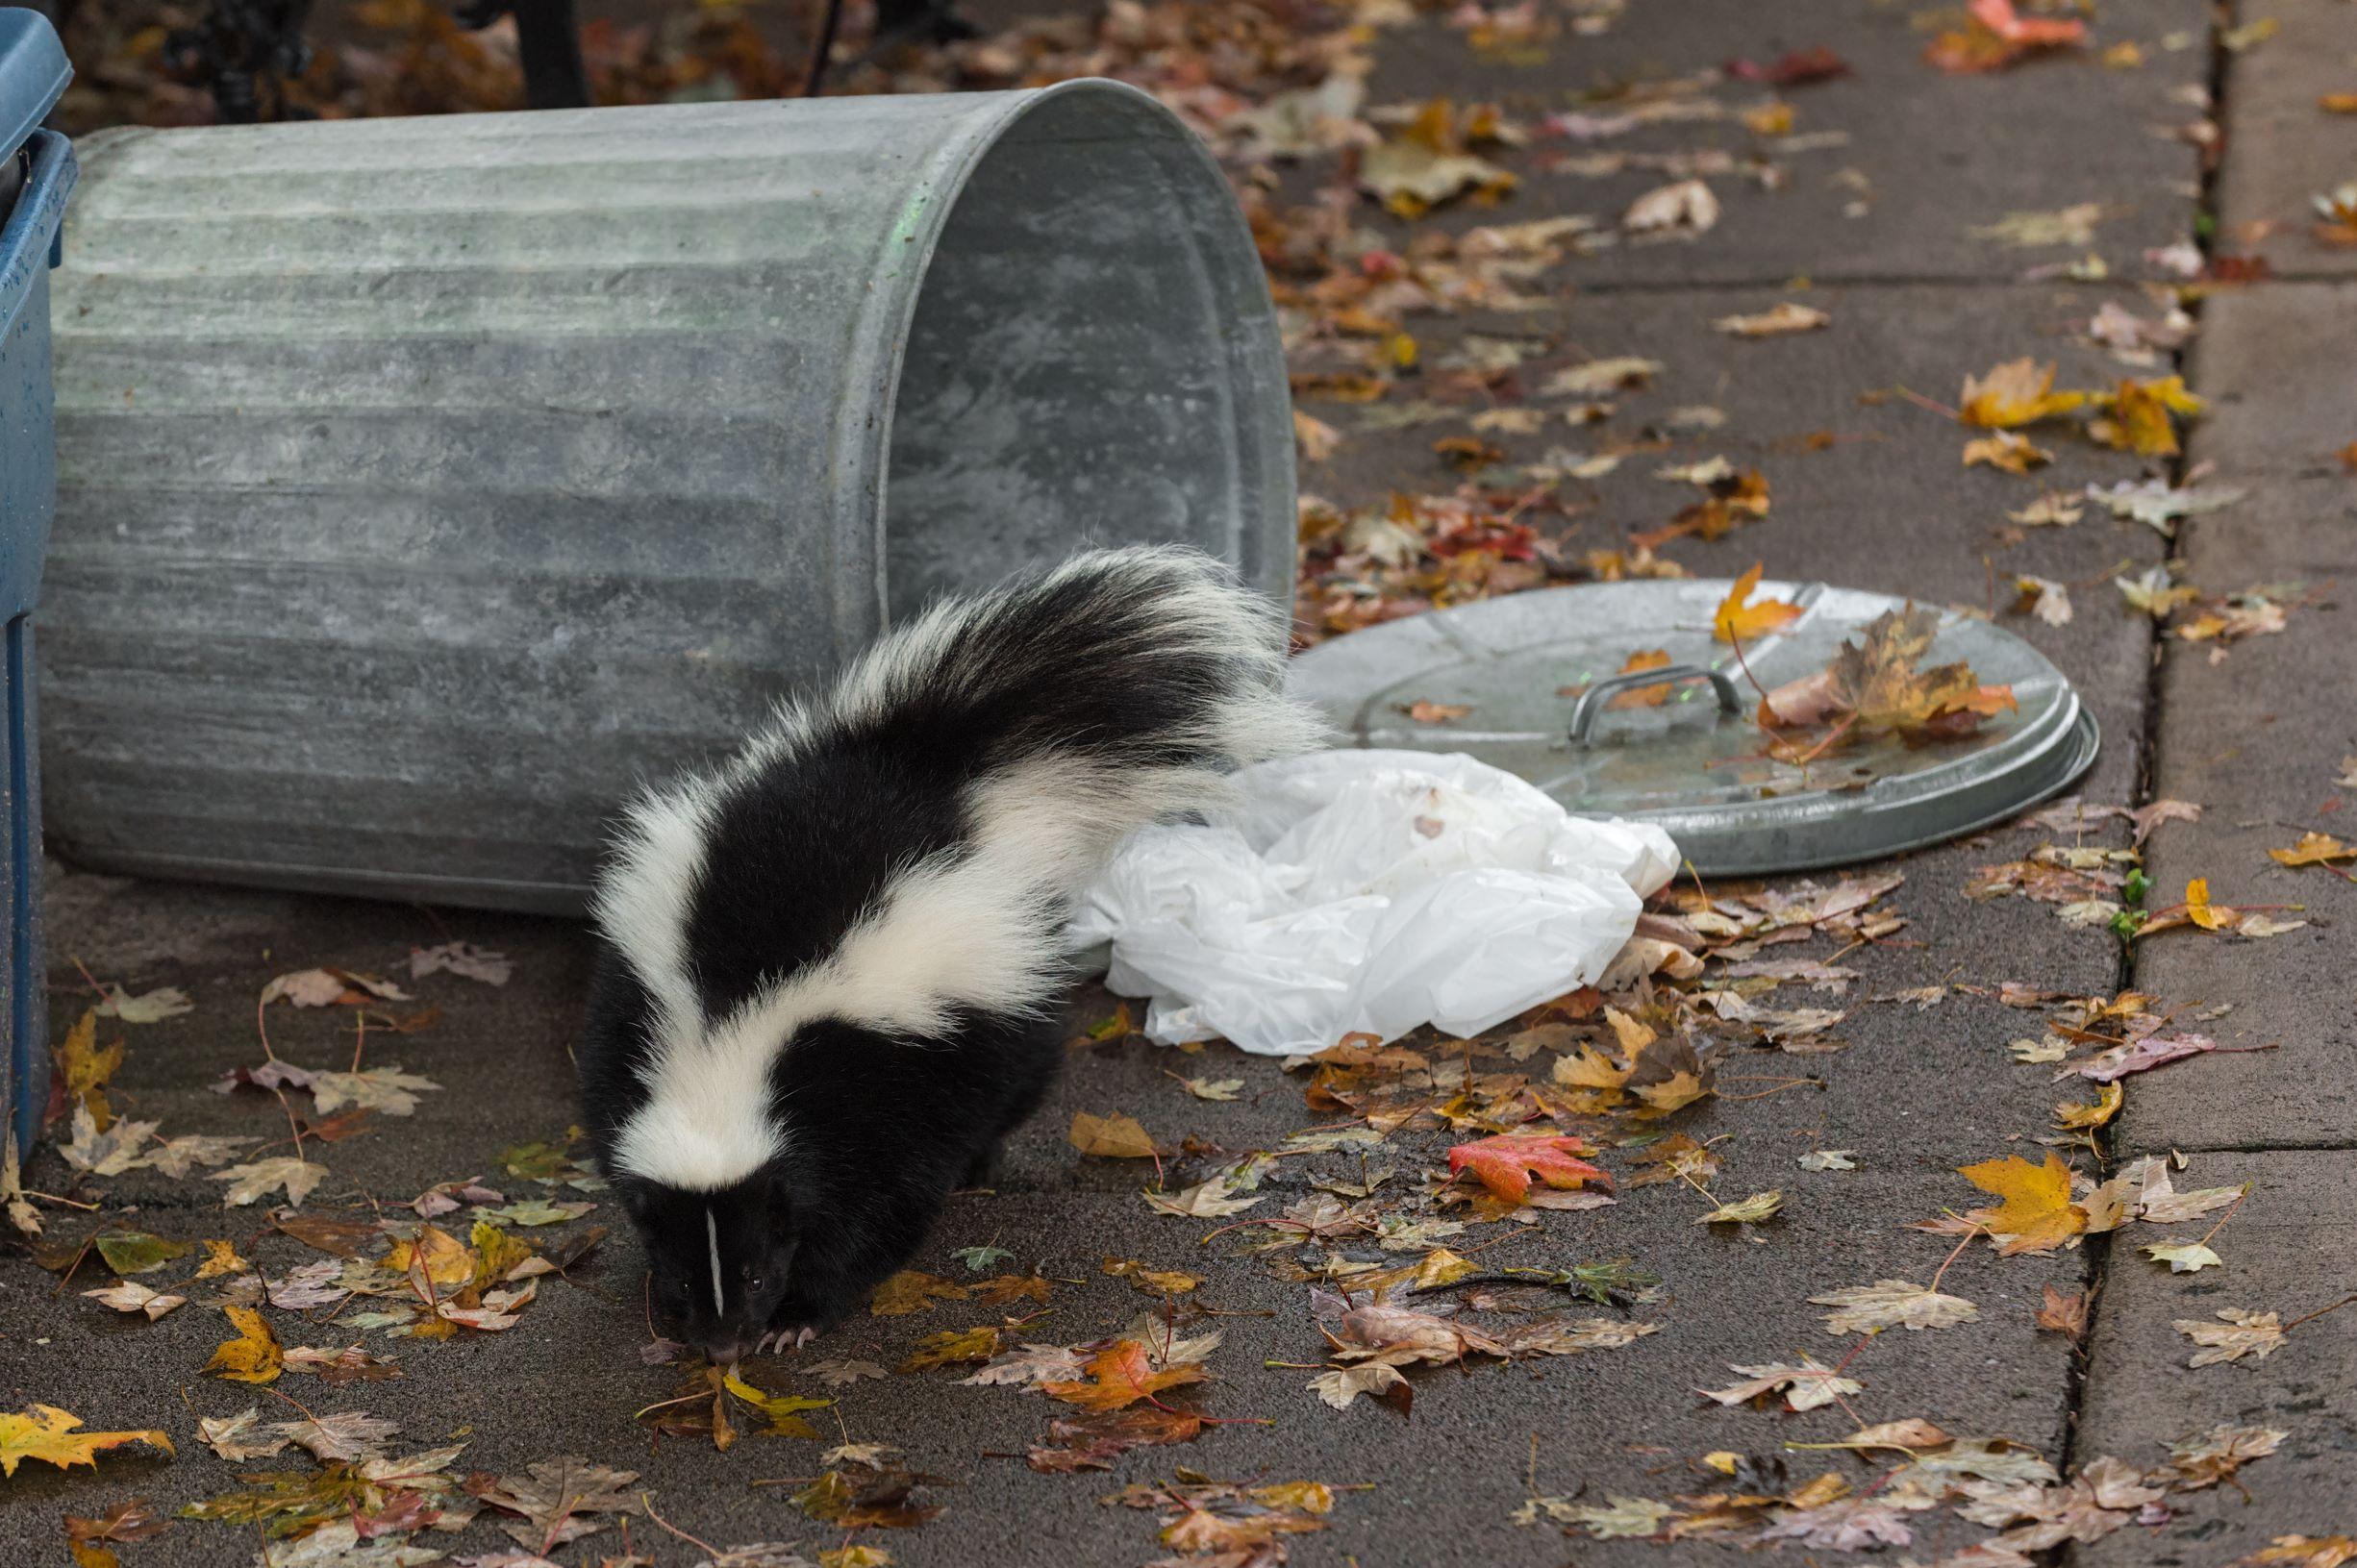 skunk infestation